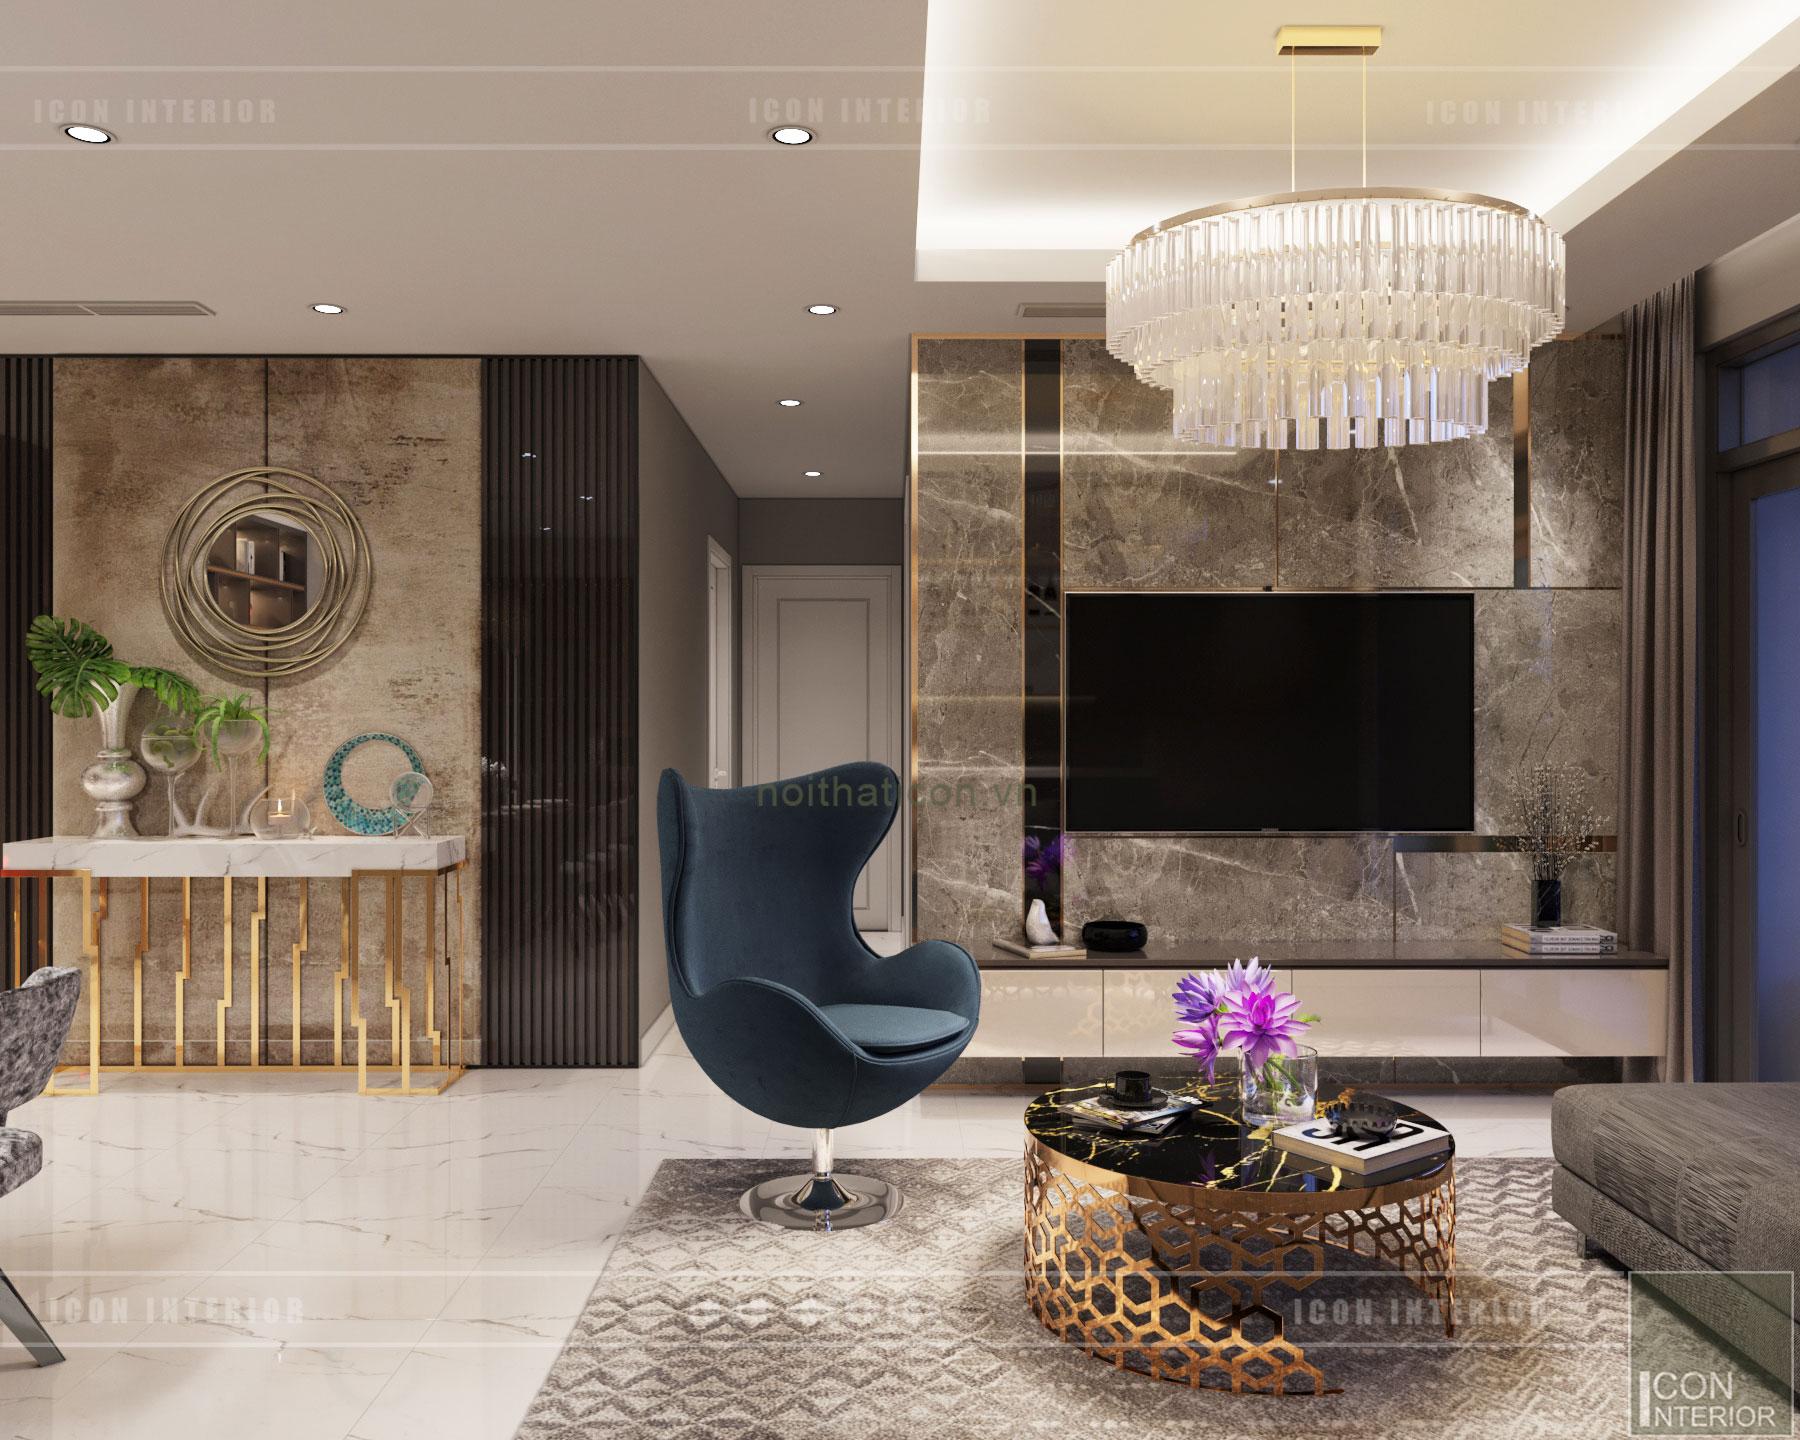 thiết kế nội thất căn hộ Landmark 6 Vinhomes Central Park - phòng khách